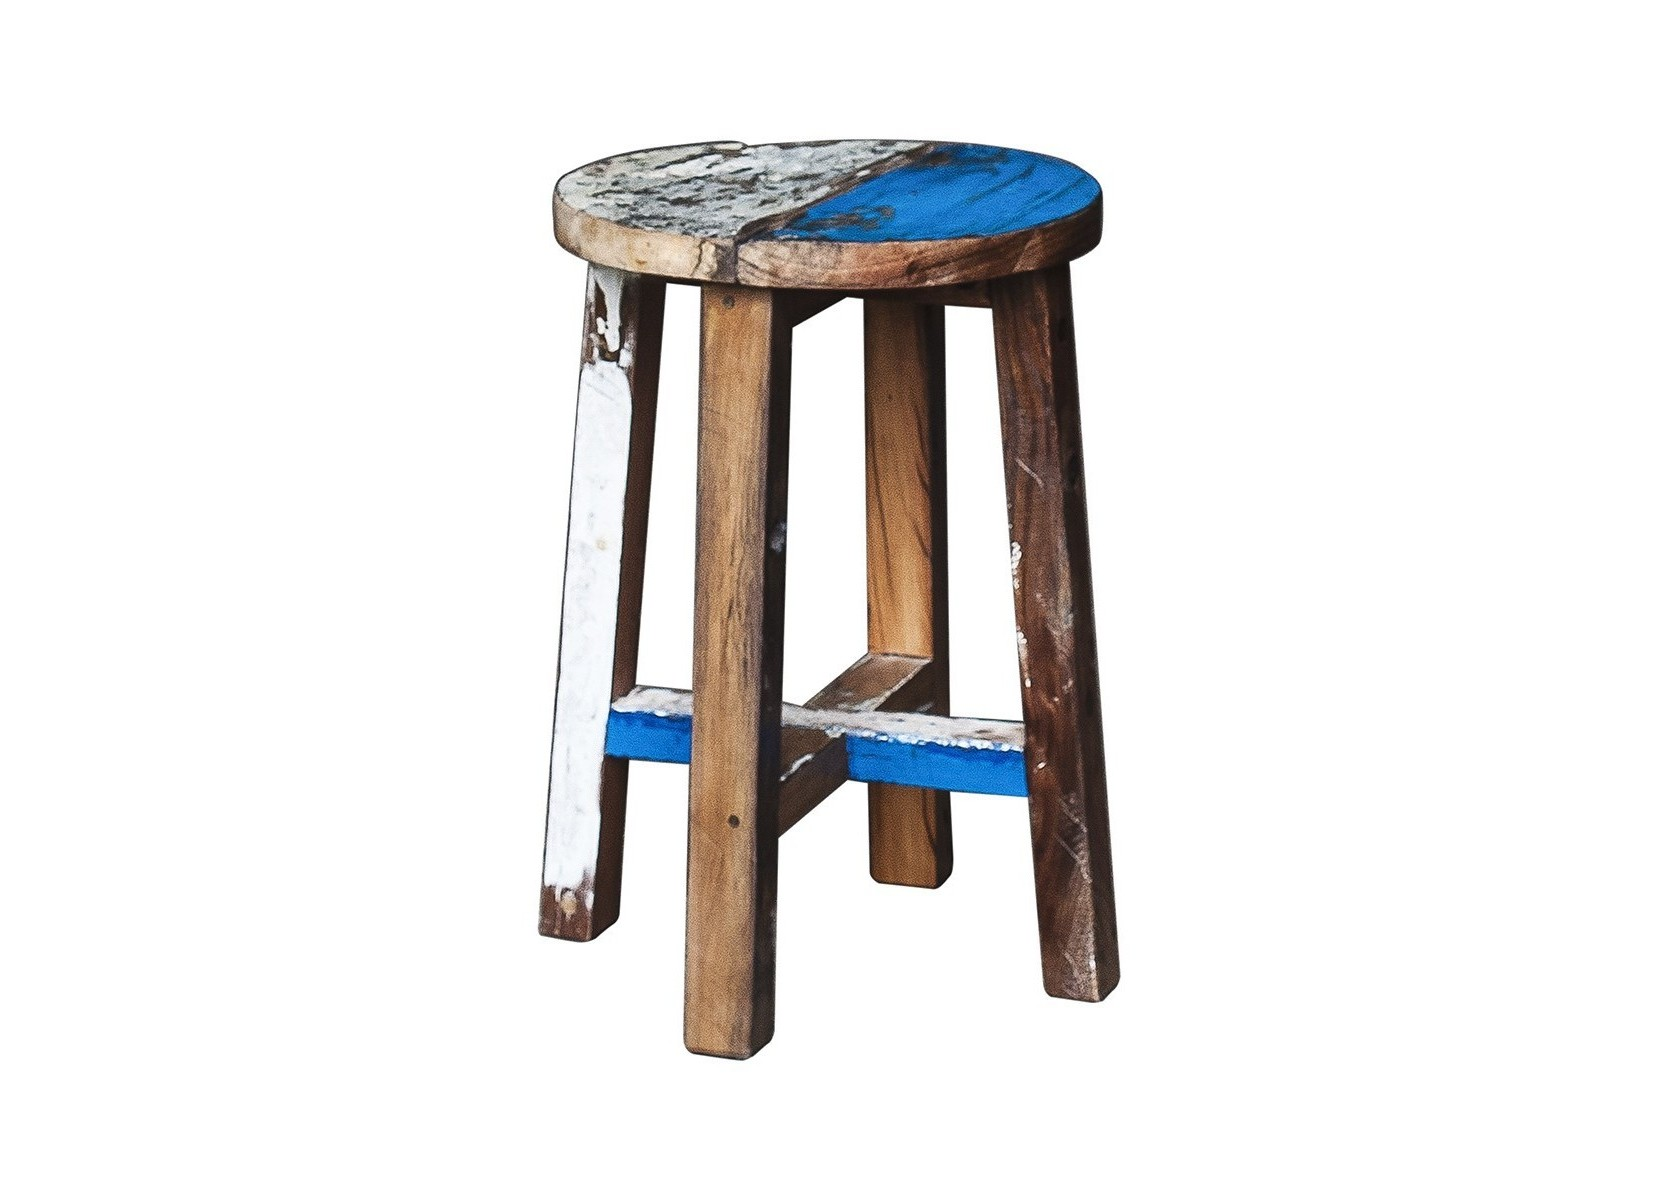 Табурет КингТабуреты<br>Табурет, выполненный из массива древесины старого рыбацкого судна, такой как: тик, махогон, суар, с сохранением оригинальной многослойной окраски.<br><br>Компактный размер делает его идеальным для небольших пространств.<br>Подходит для использования как внутри помещения, так и снаружи.<br>Сборка не требуется.<br>Страна производитель - Индонезия.<br><br>Material: Тик<br>Ширина см: 30<br>Высота см: 45<br>Глубина см: 30